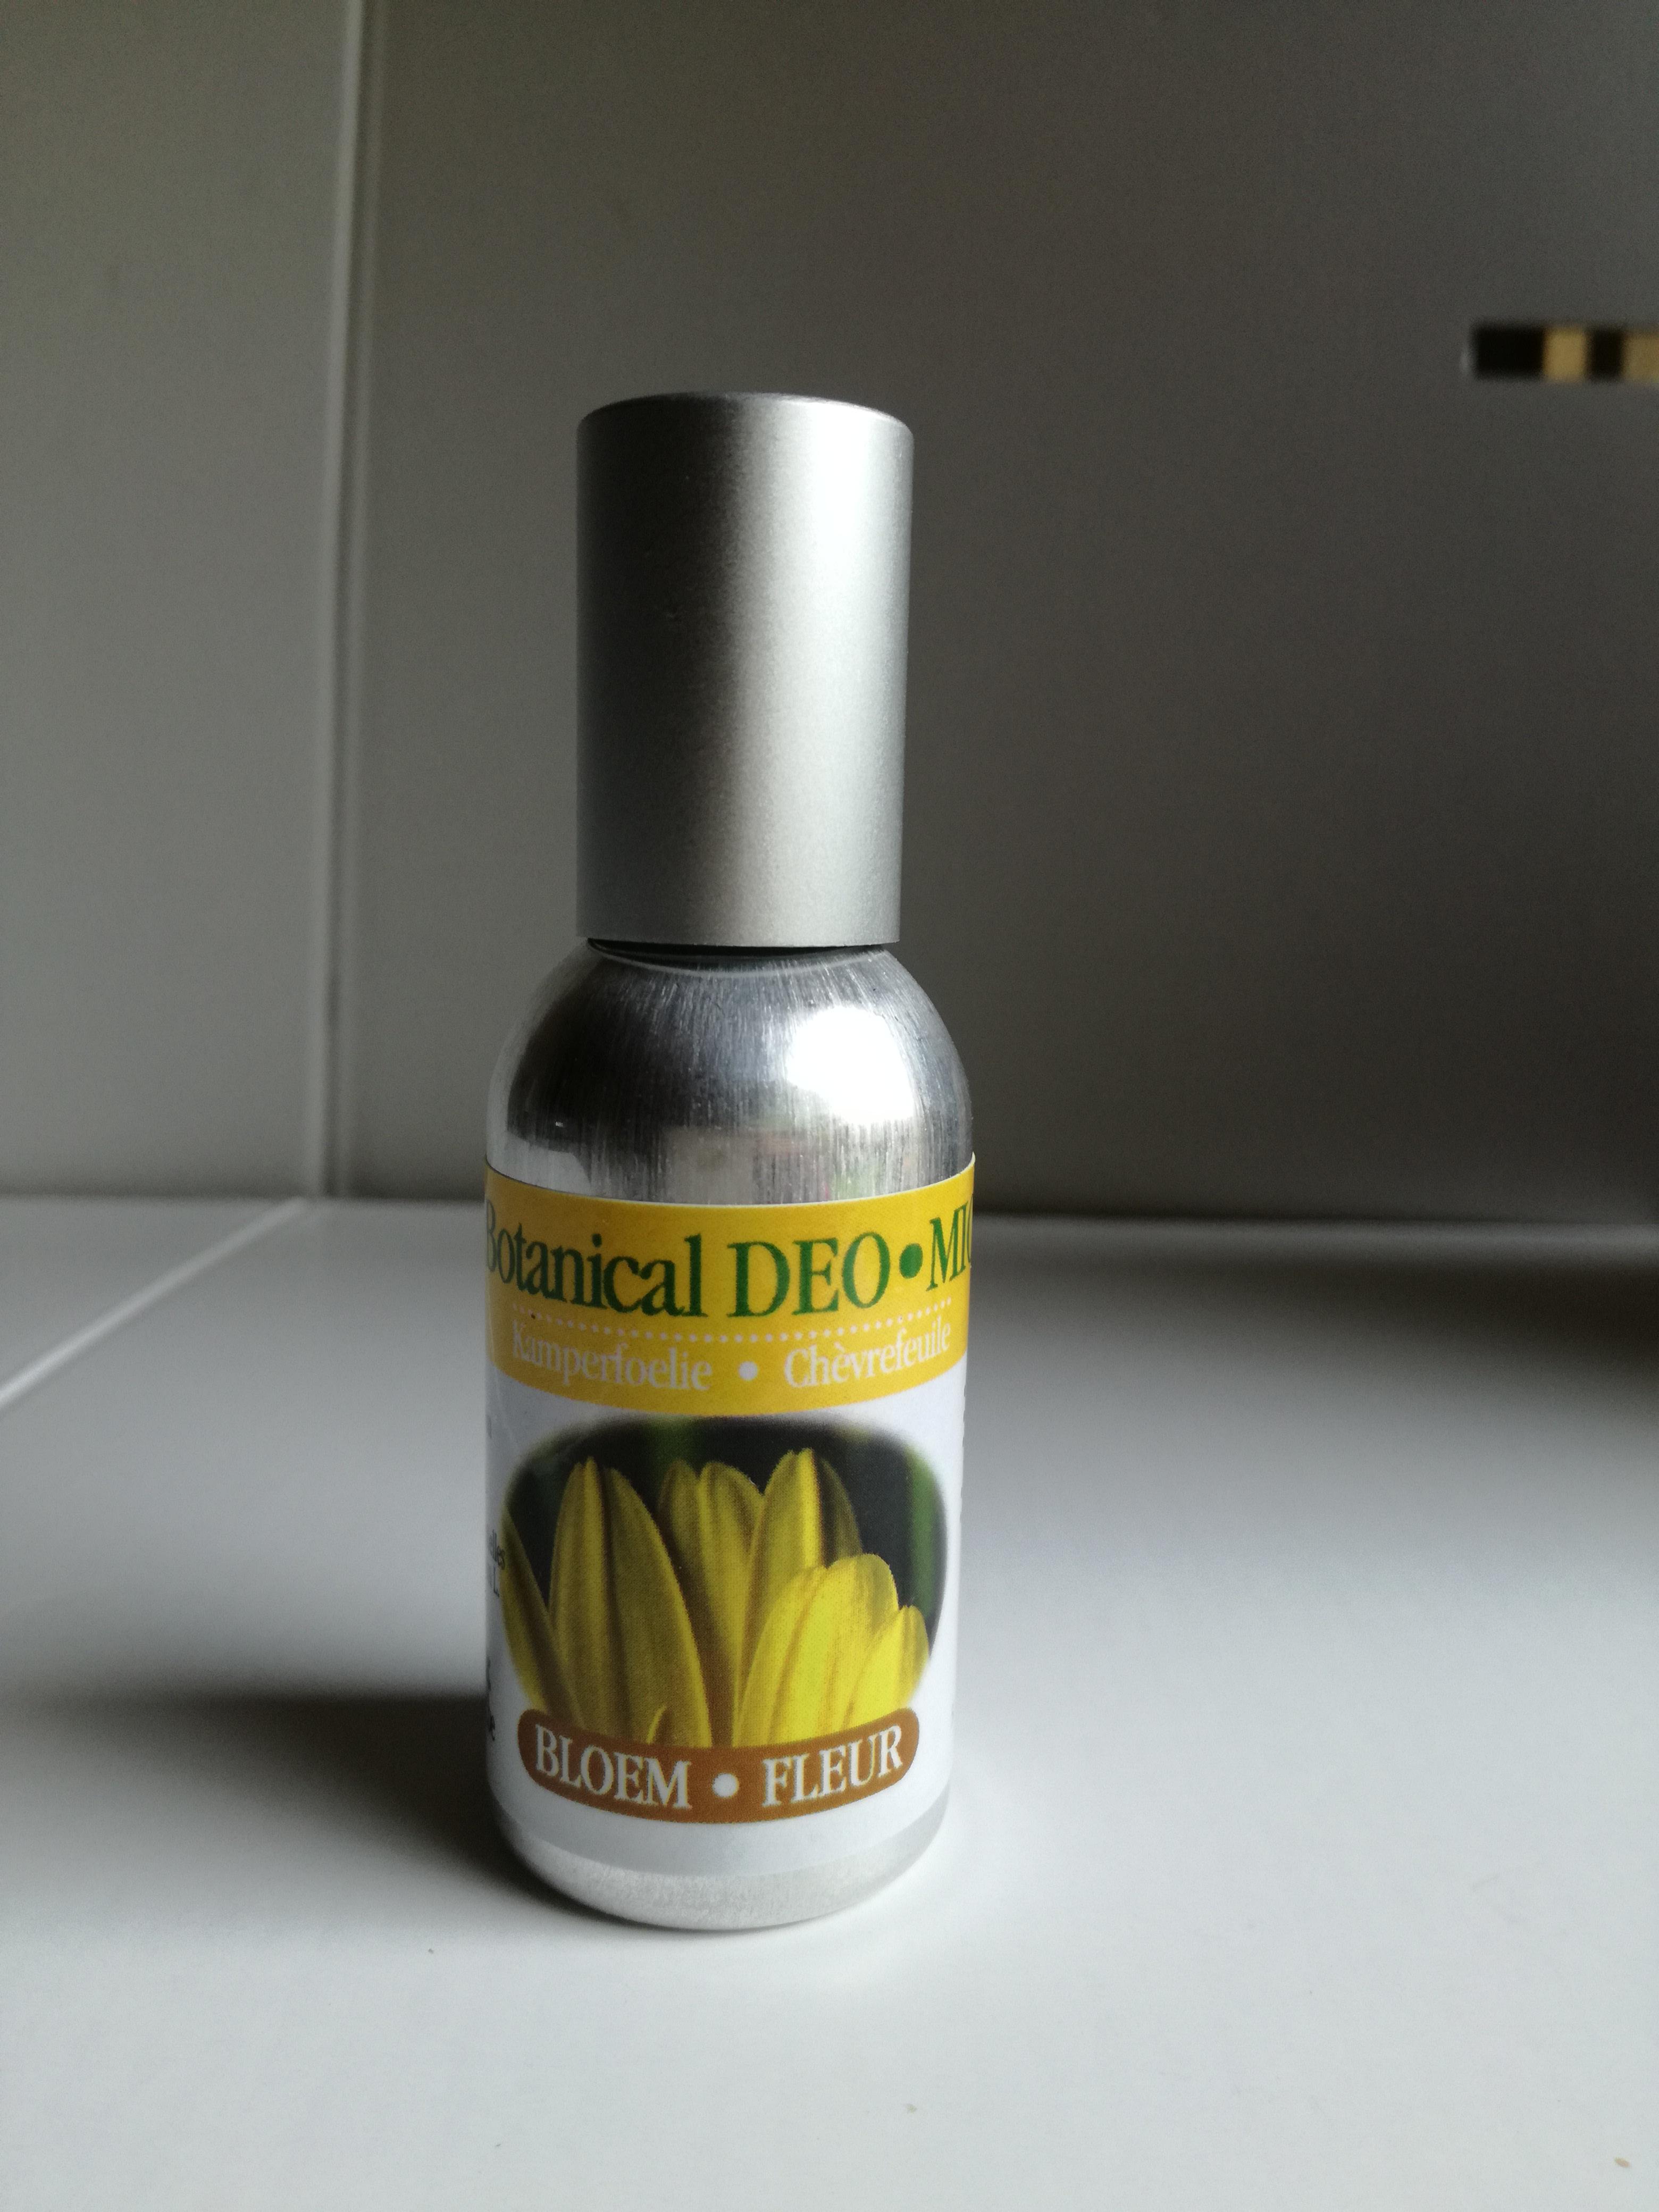 deodorant bloem mio